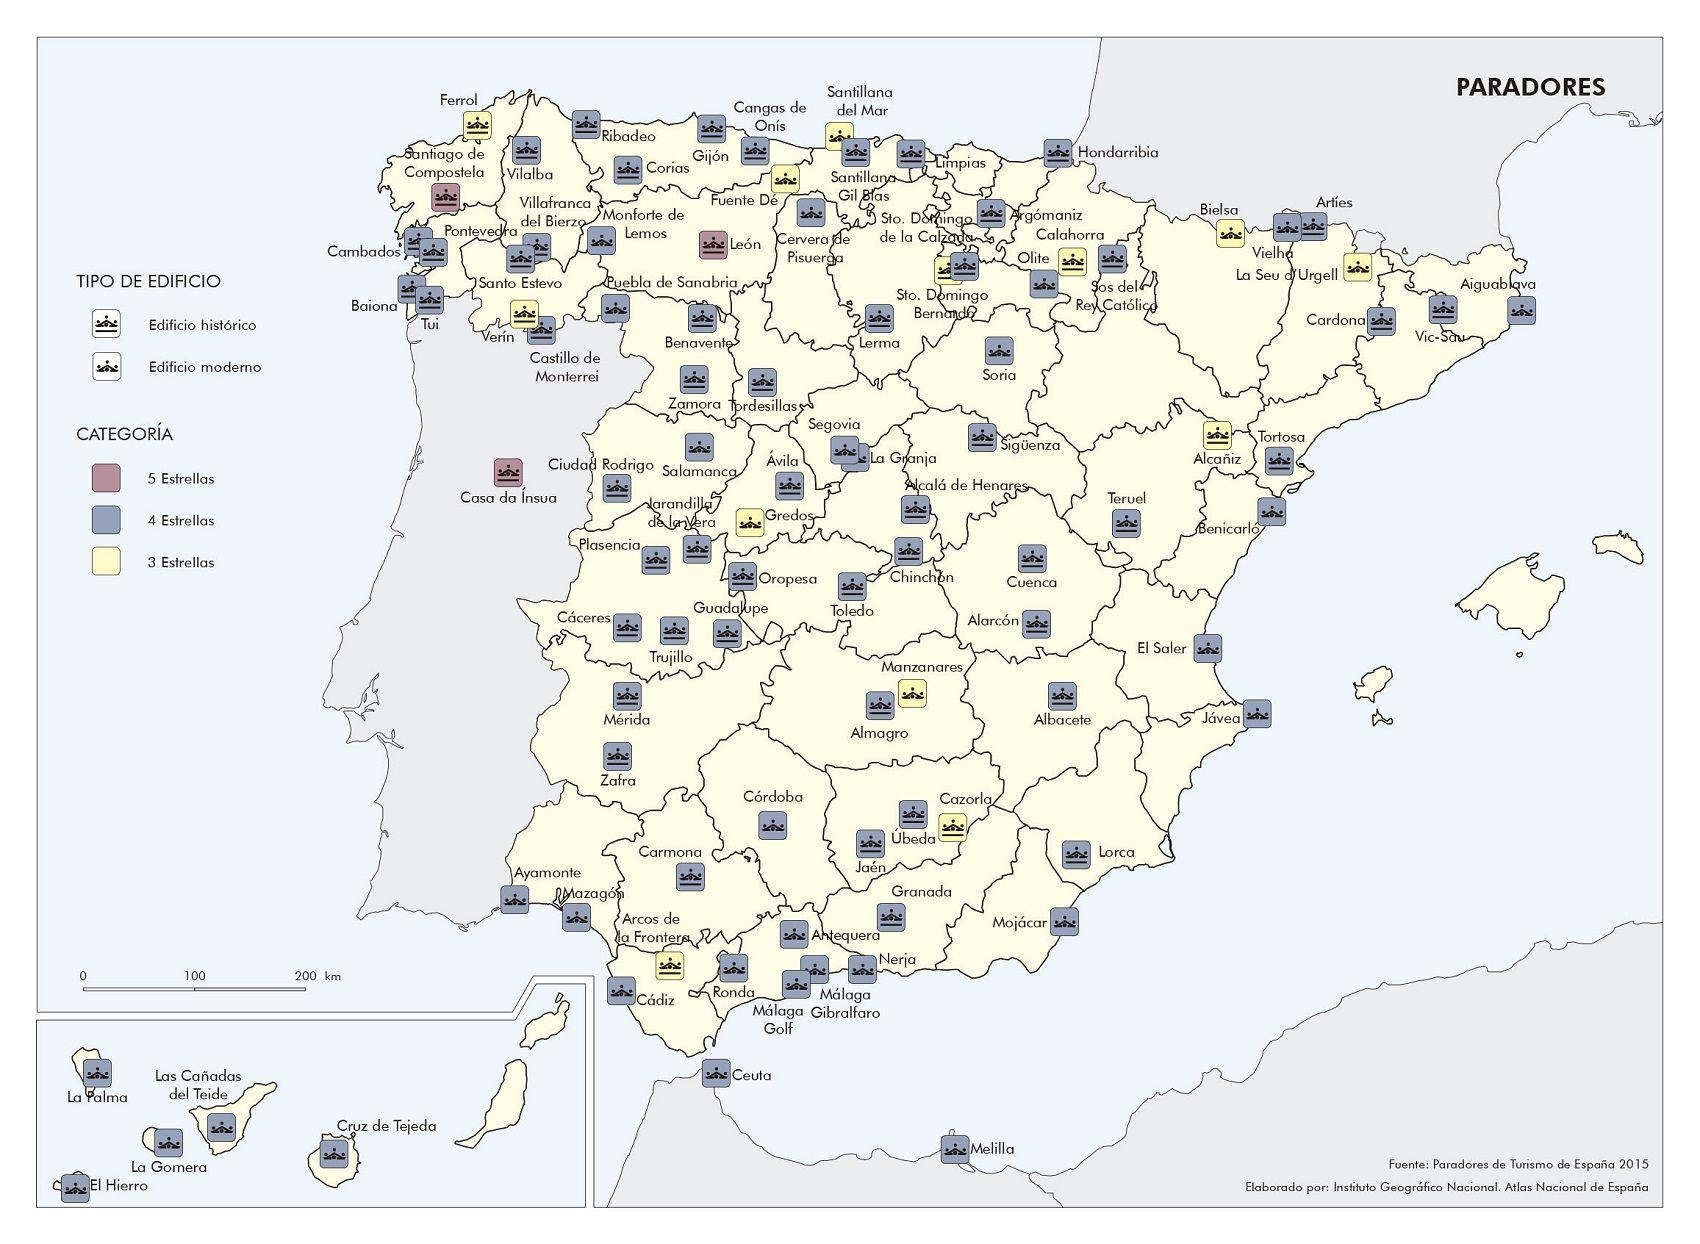 Paradores En Espana Mapa De Espana Turistico Turismo